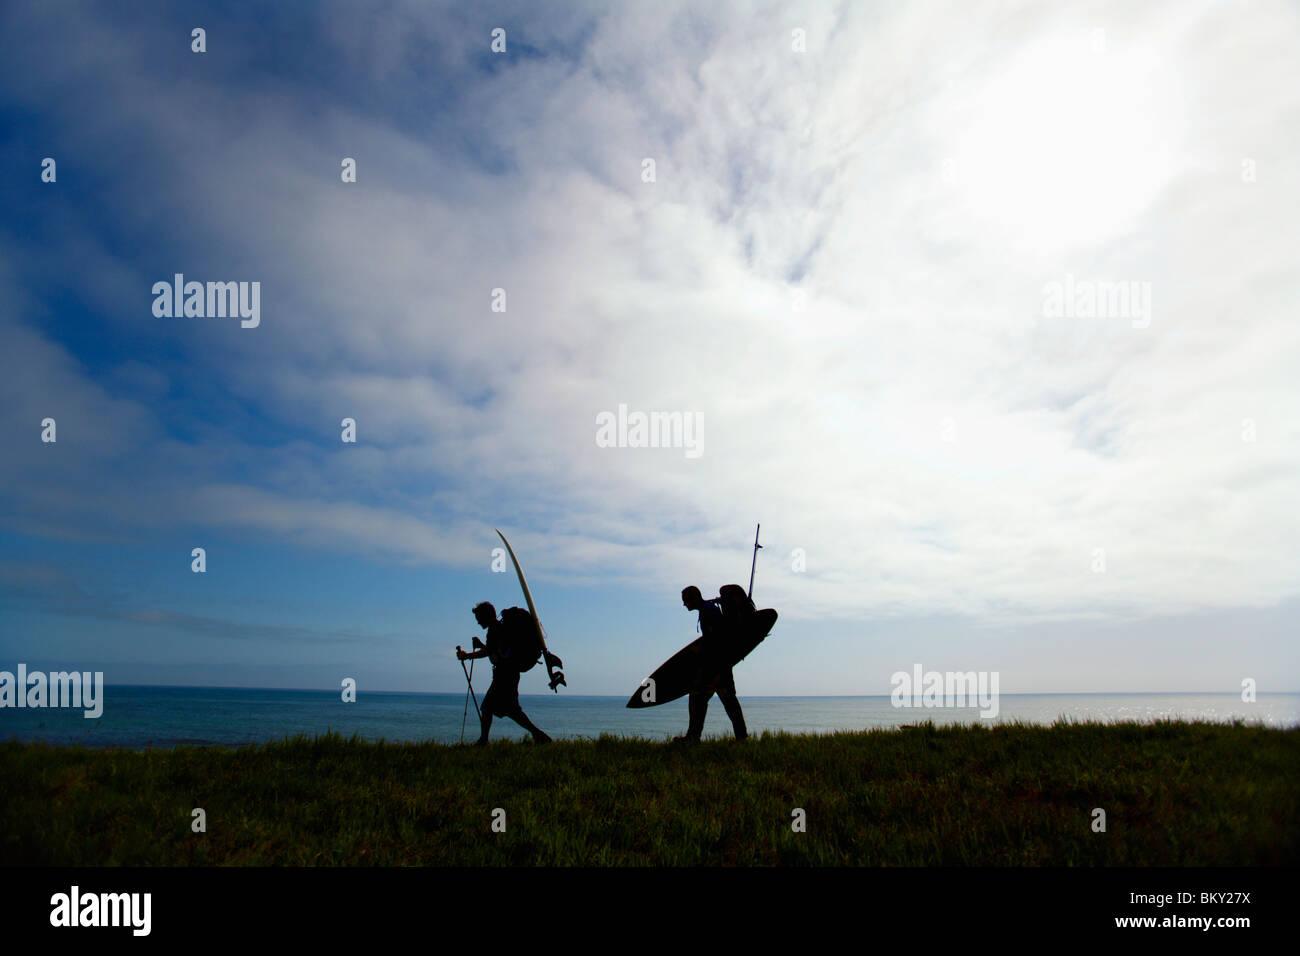 Deux hommes randonnée avec des planches sur la Lost Coast, Californie. Photo Stock